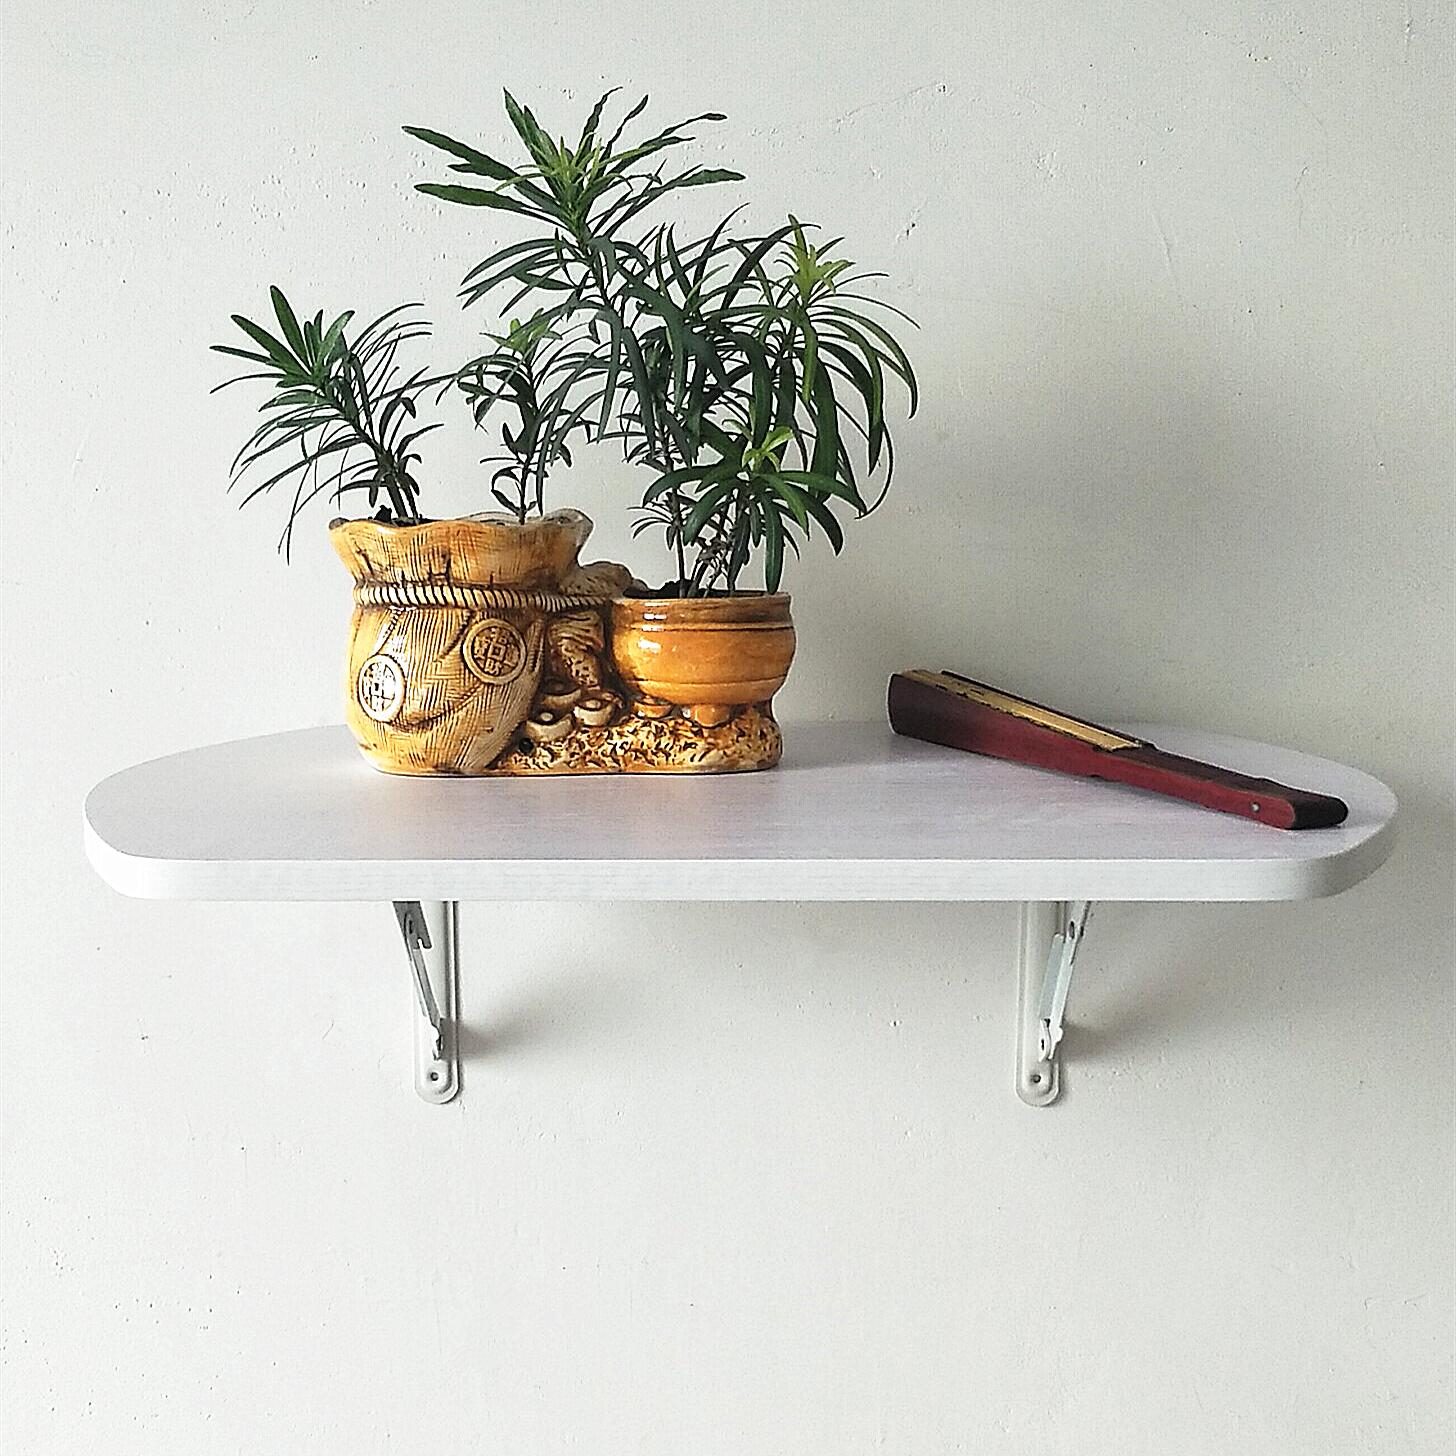 壁式笔记本电脑折叠餐桌搁板置物架连墙饭桌榻榻米室内厨房卧6040